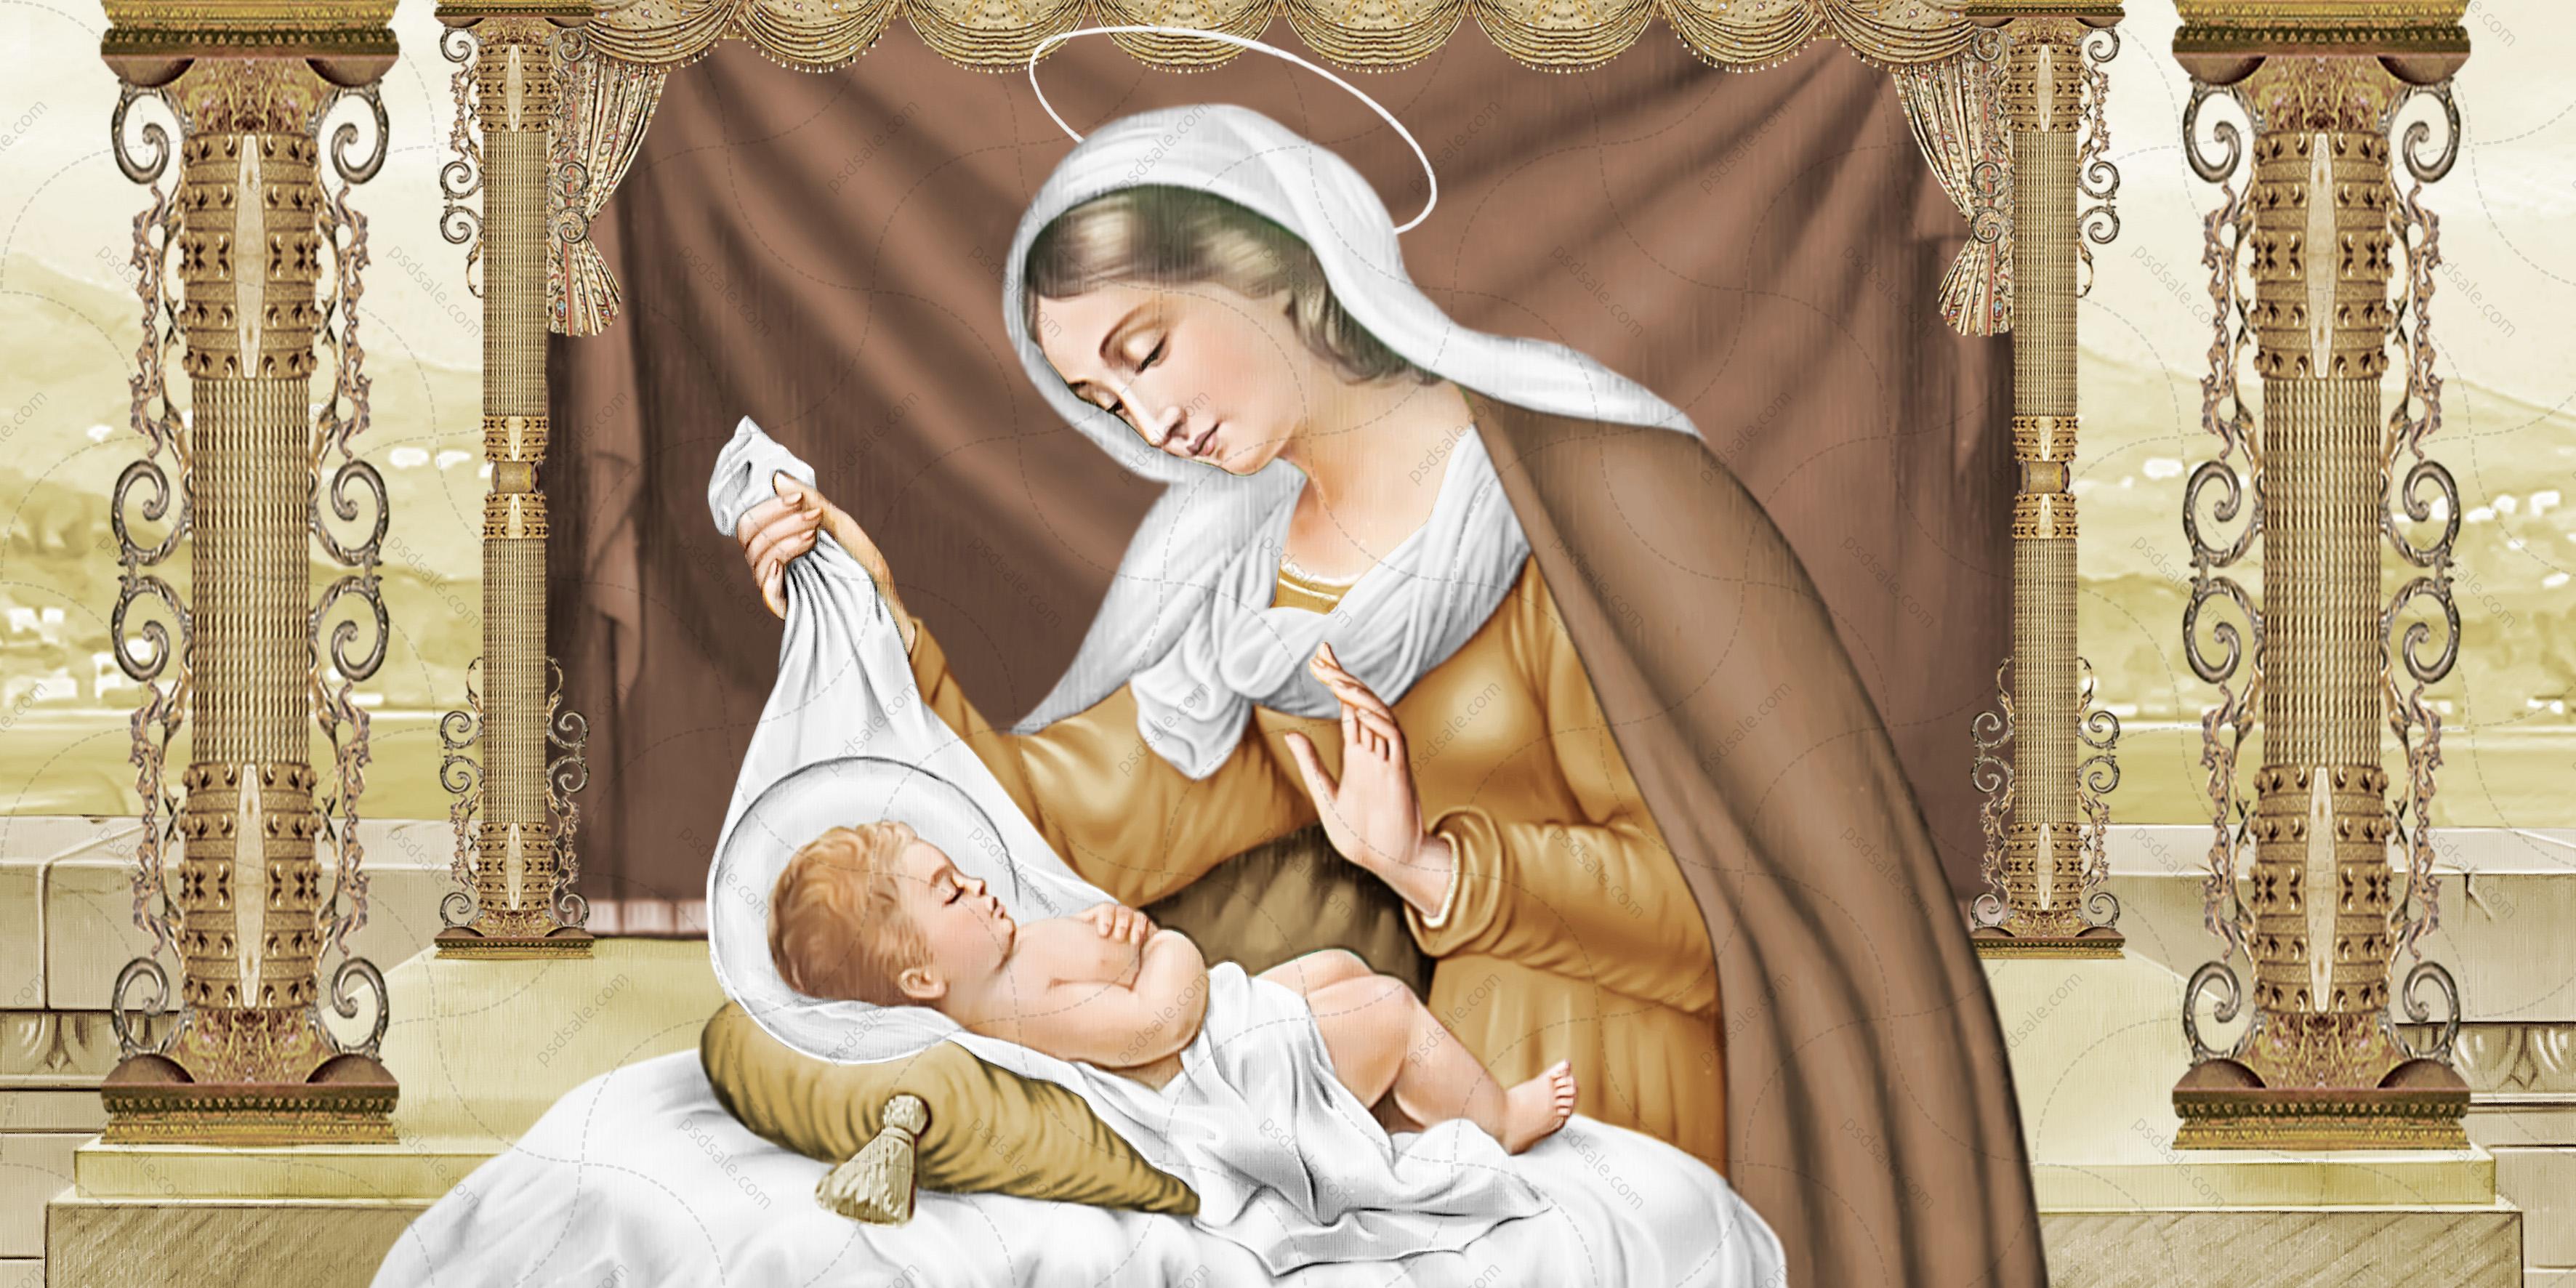 Богородица с Иисусом, колыбель